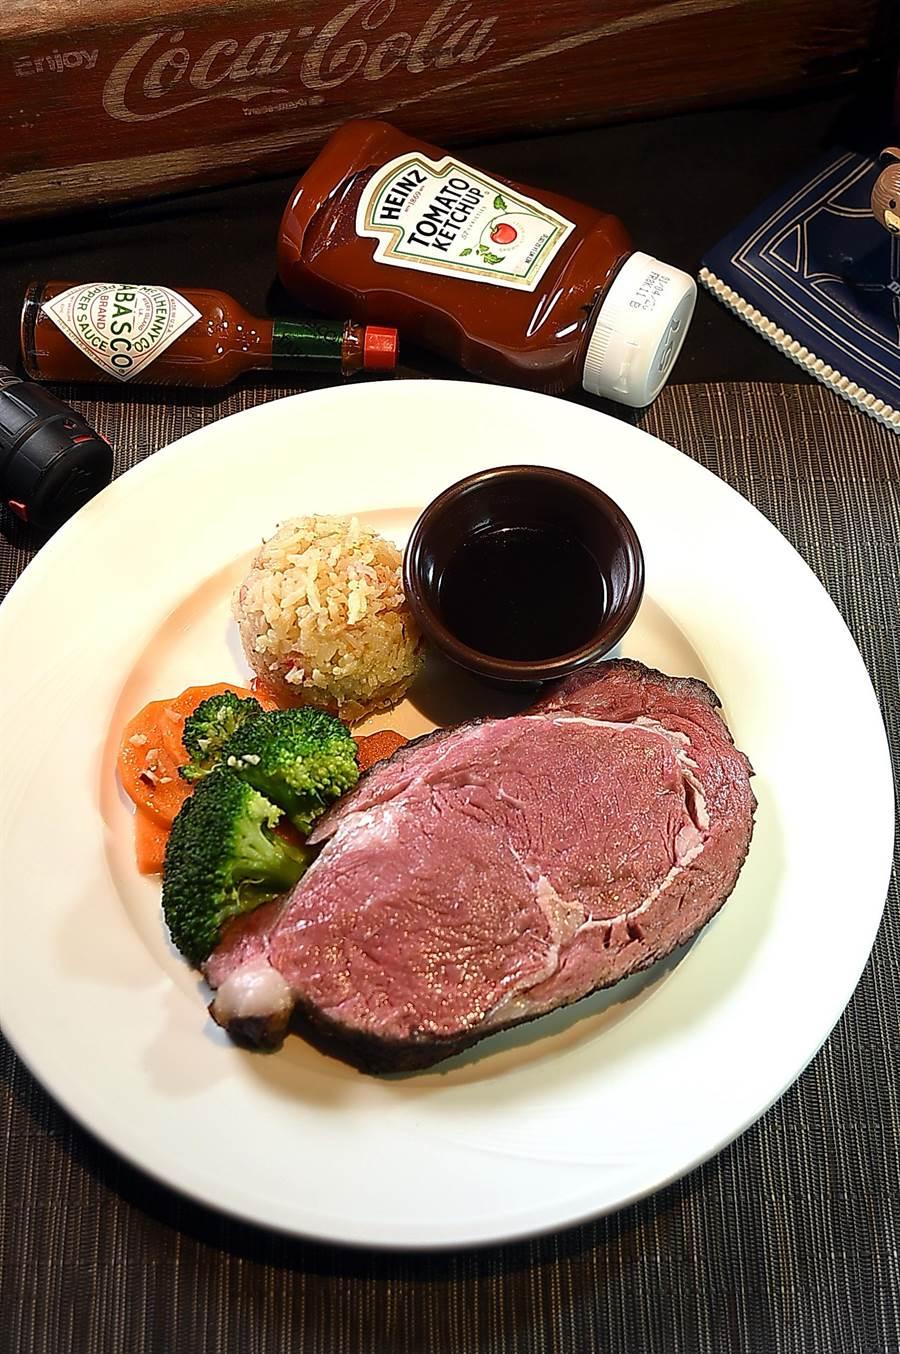 〈傑克兄弟牛排館〉的〈慢烤頂級肋眼牛排〉,是用整條美國Choice級牛肉以低溫慢烤再厚切上桌,肉色粉嫩、肉汁香甜,非常有水準。(圖/姚舜)